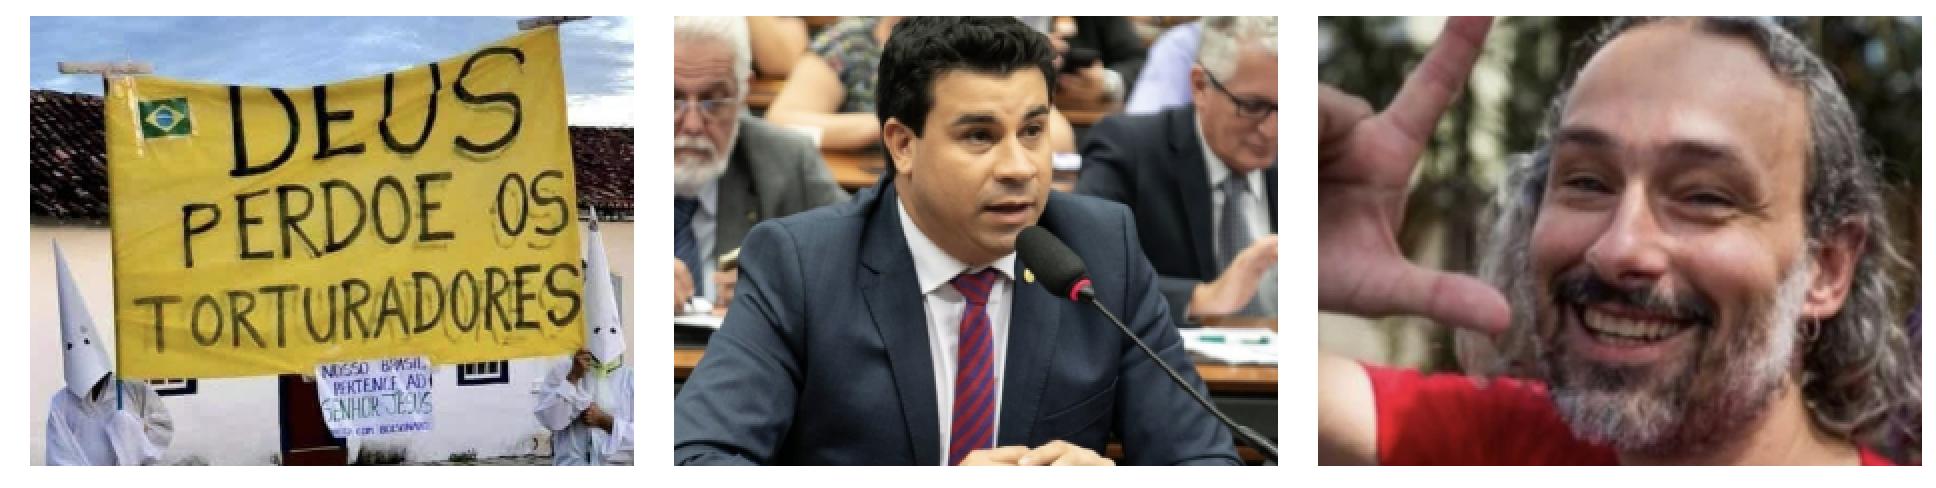 Carlos Veras: Casos Pilha e Lucimauro fazem parte de escalada de violência, que já tem 79 casos de intimidação por Bolsonaro